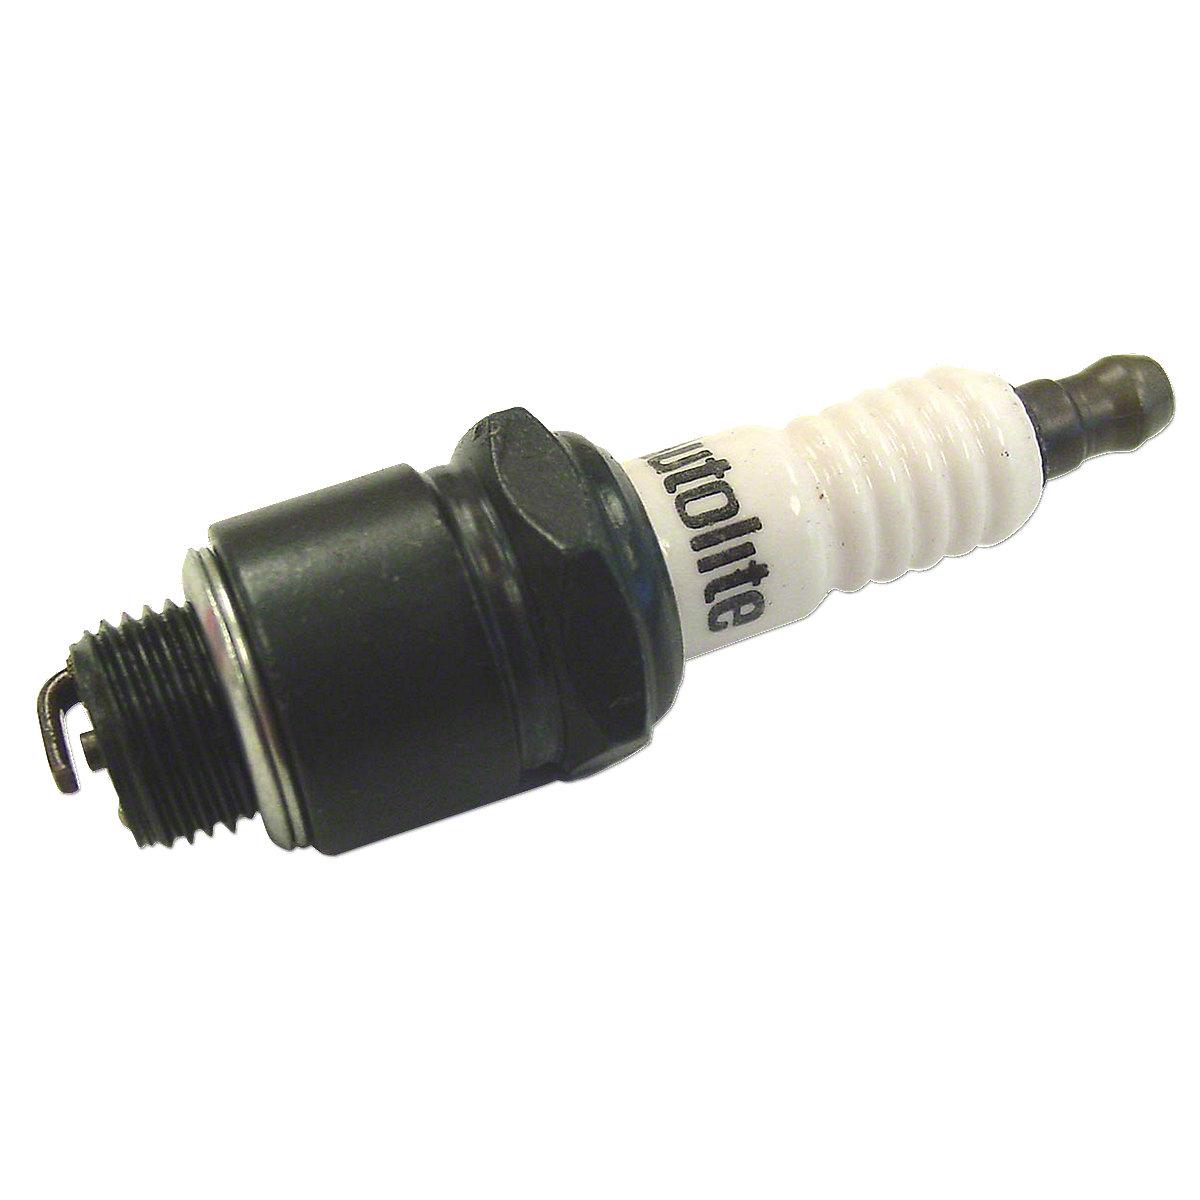 Spark Plug For Massey Ferguson: 135, 150, 165, 175, 180, 255, 265.